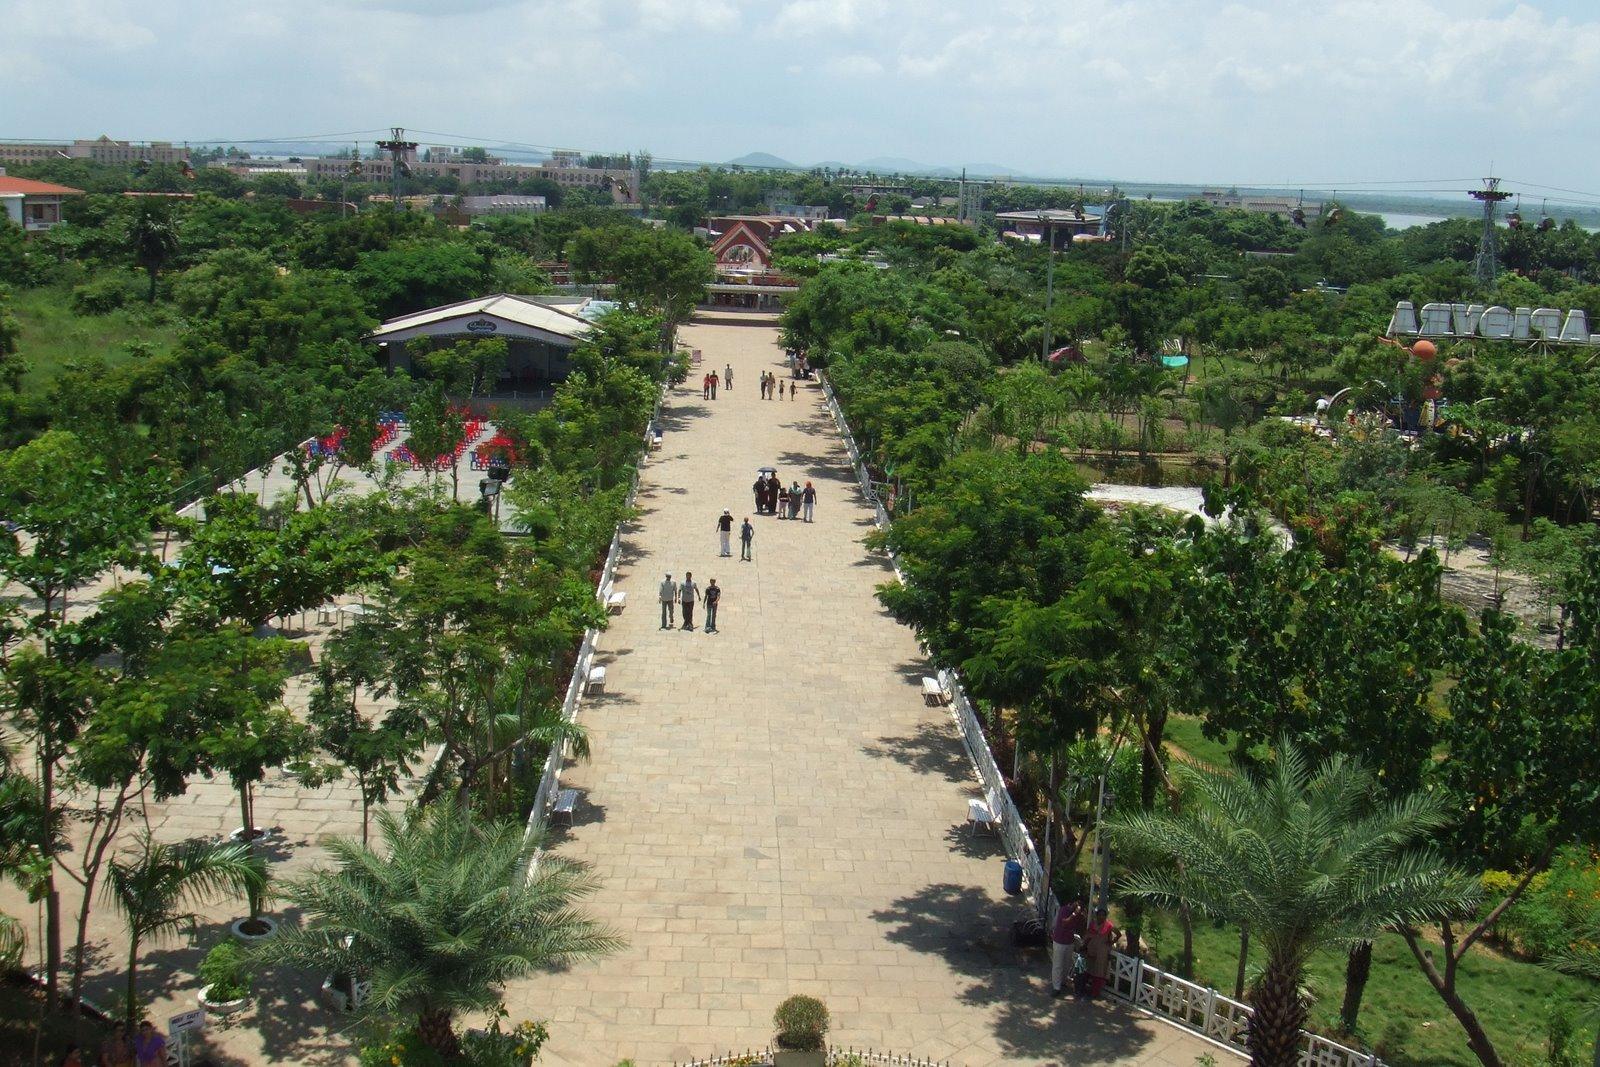 Queens Land Amusement Park